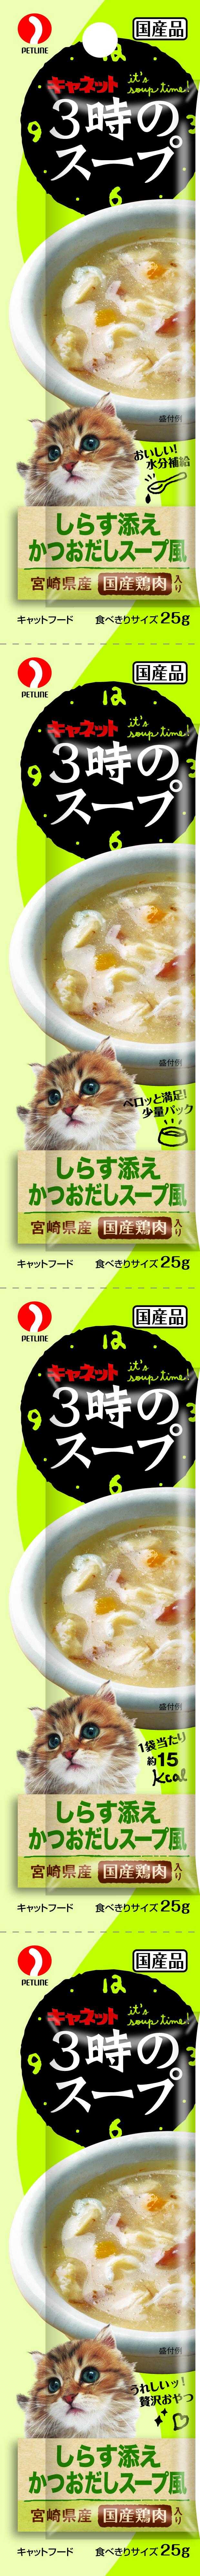 キャネット<3時のスープ>しらす添え かつおだしスープ風 (25g×4連)